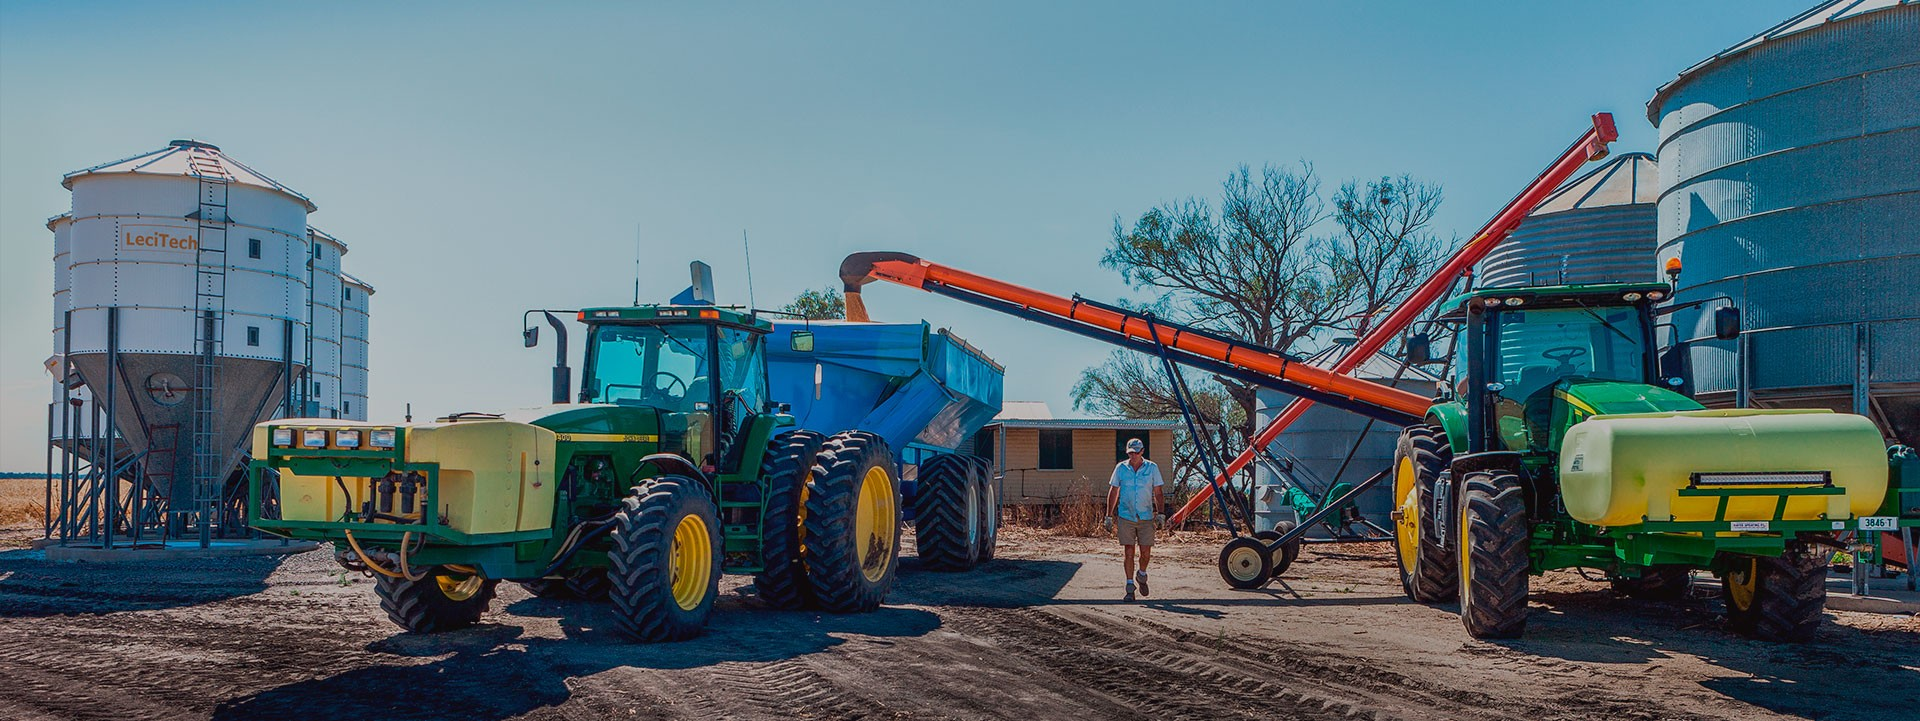 Sinfín para manipulación de grano agrícolas e industriales